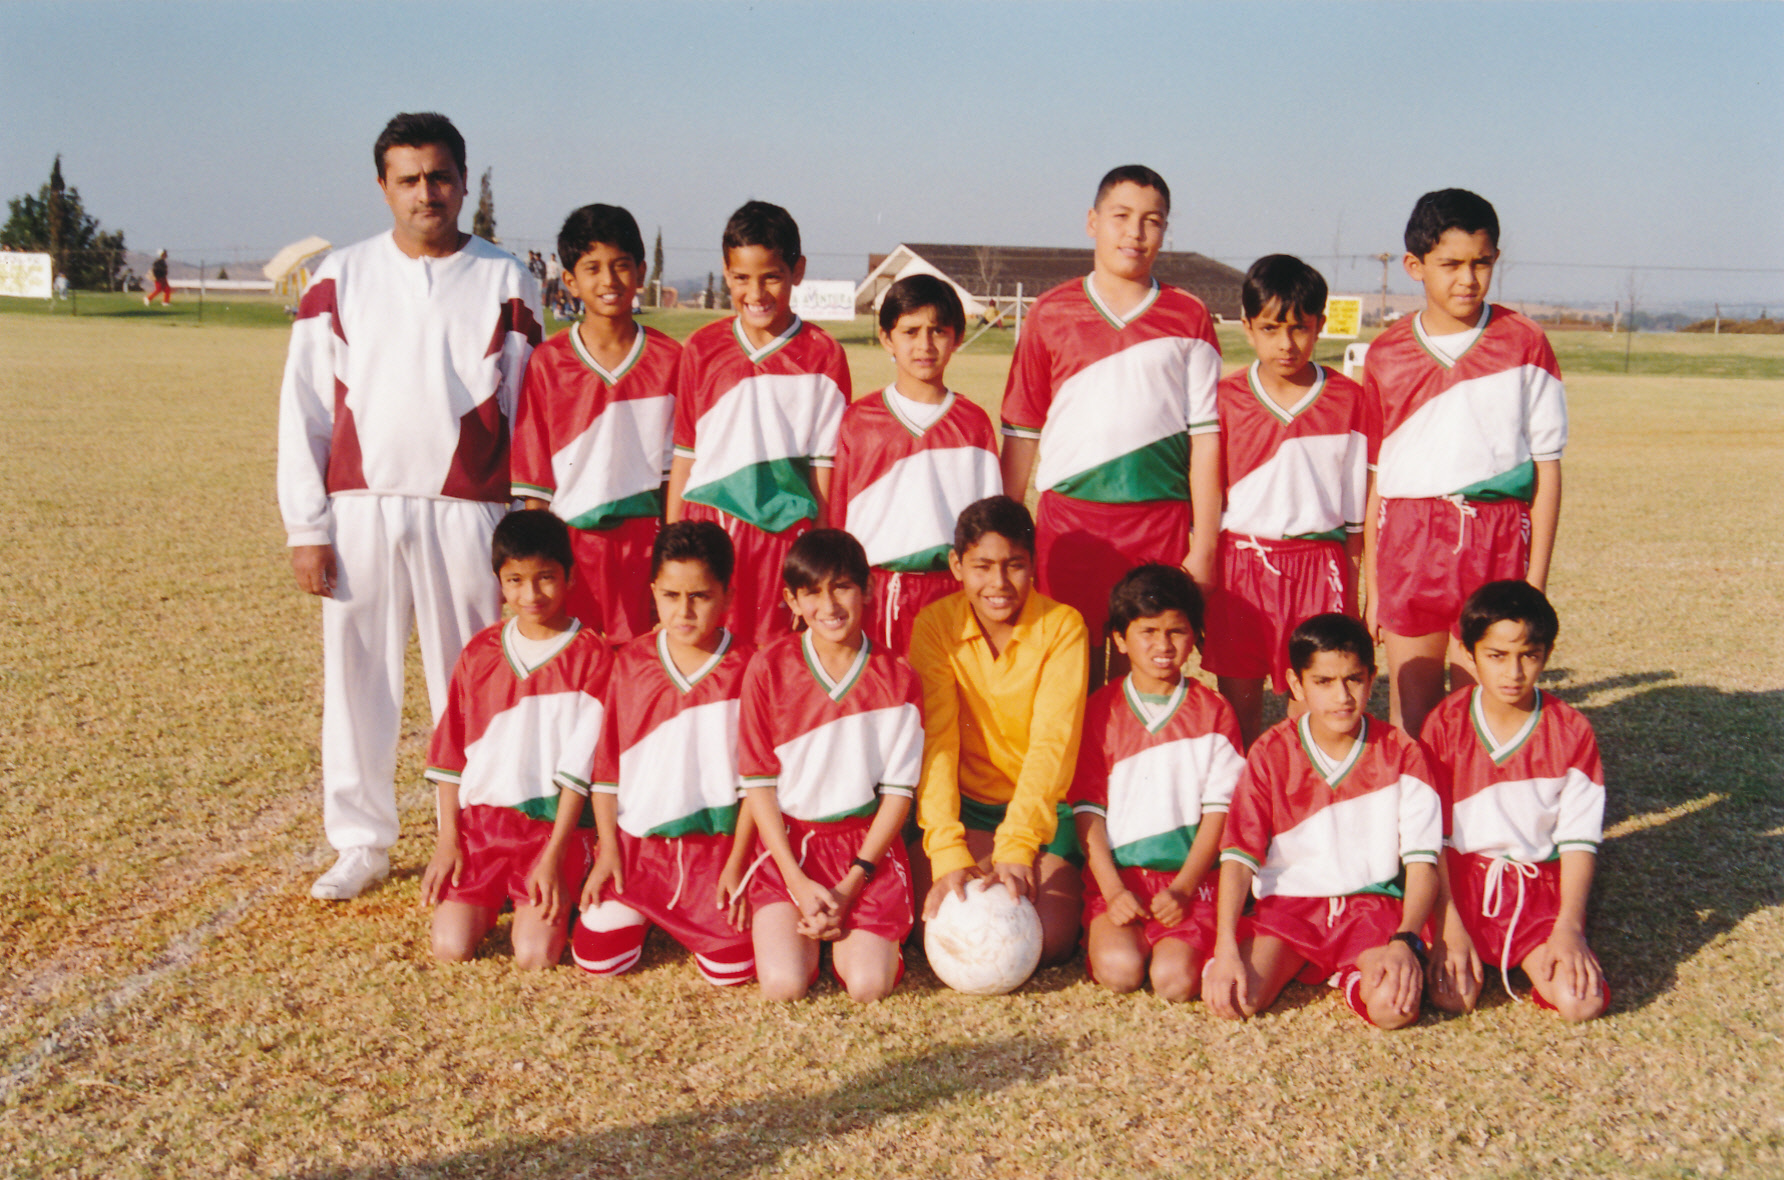 Swaraj Juniors 1990's